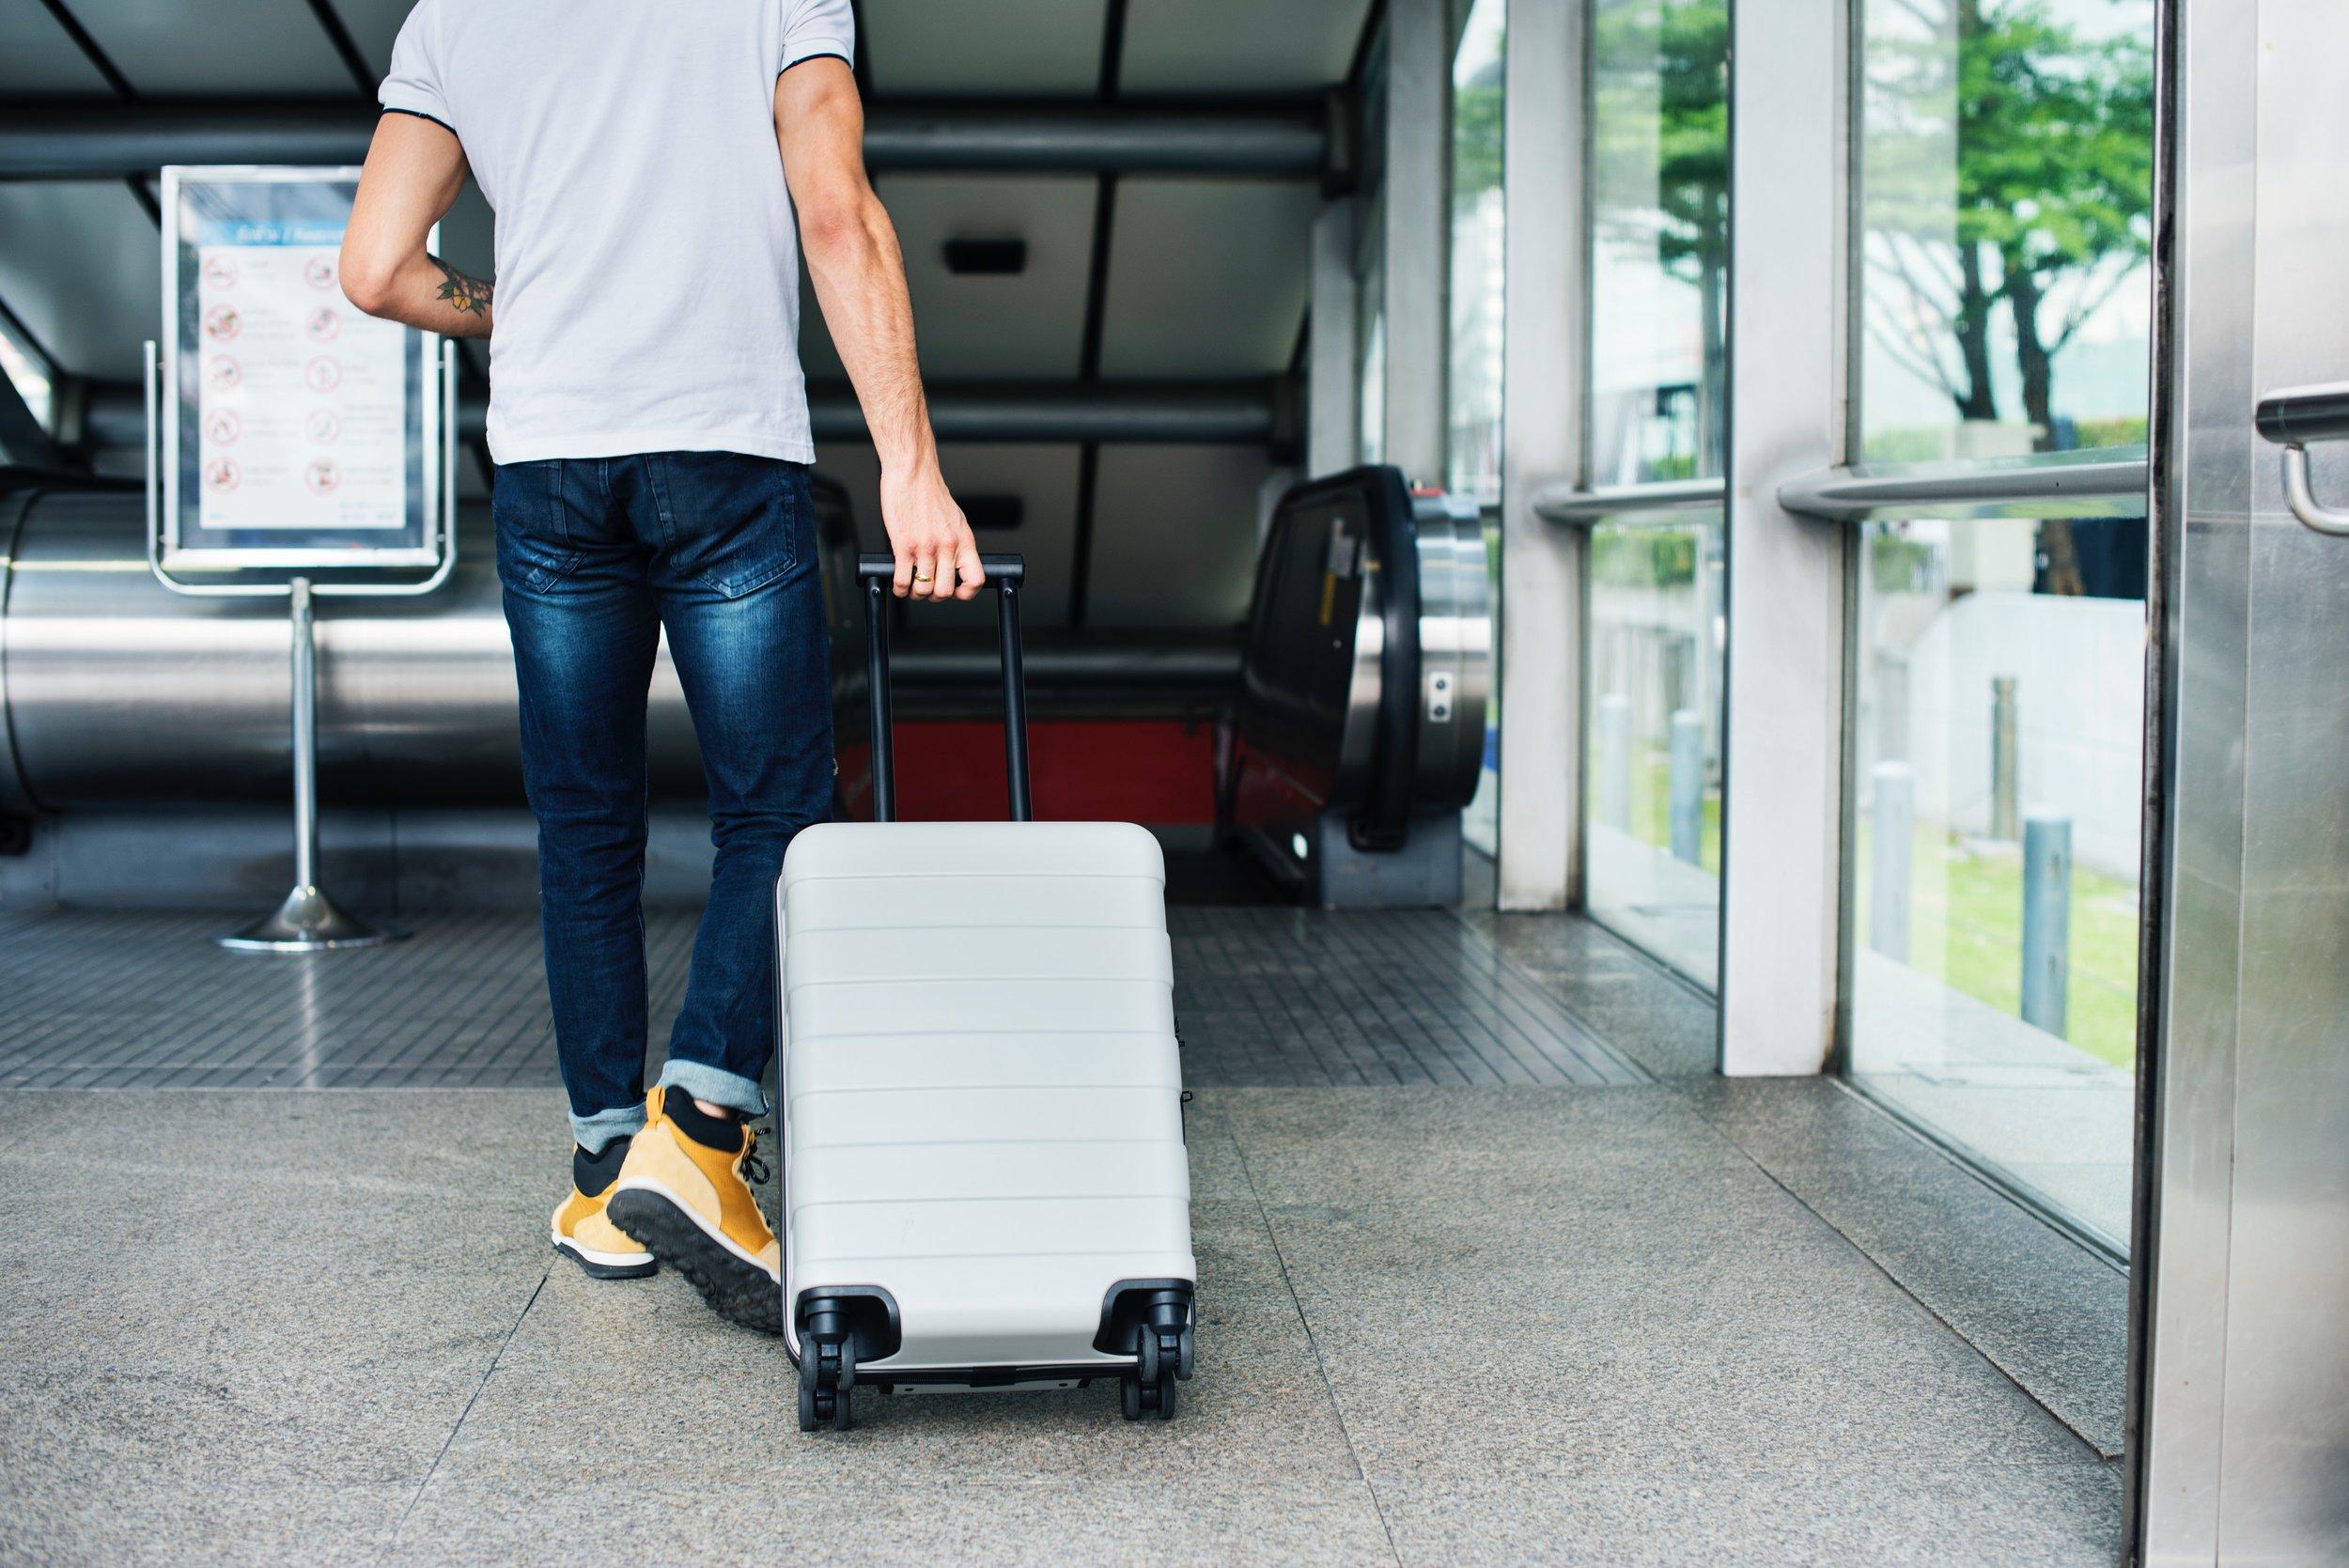 adult-airport-arriving-1457691.jpg